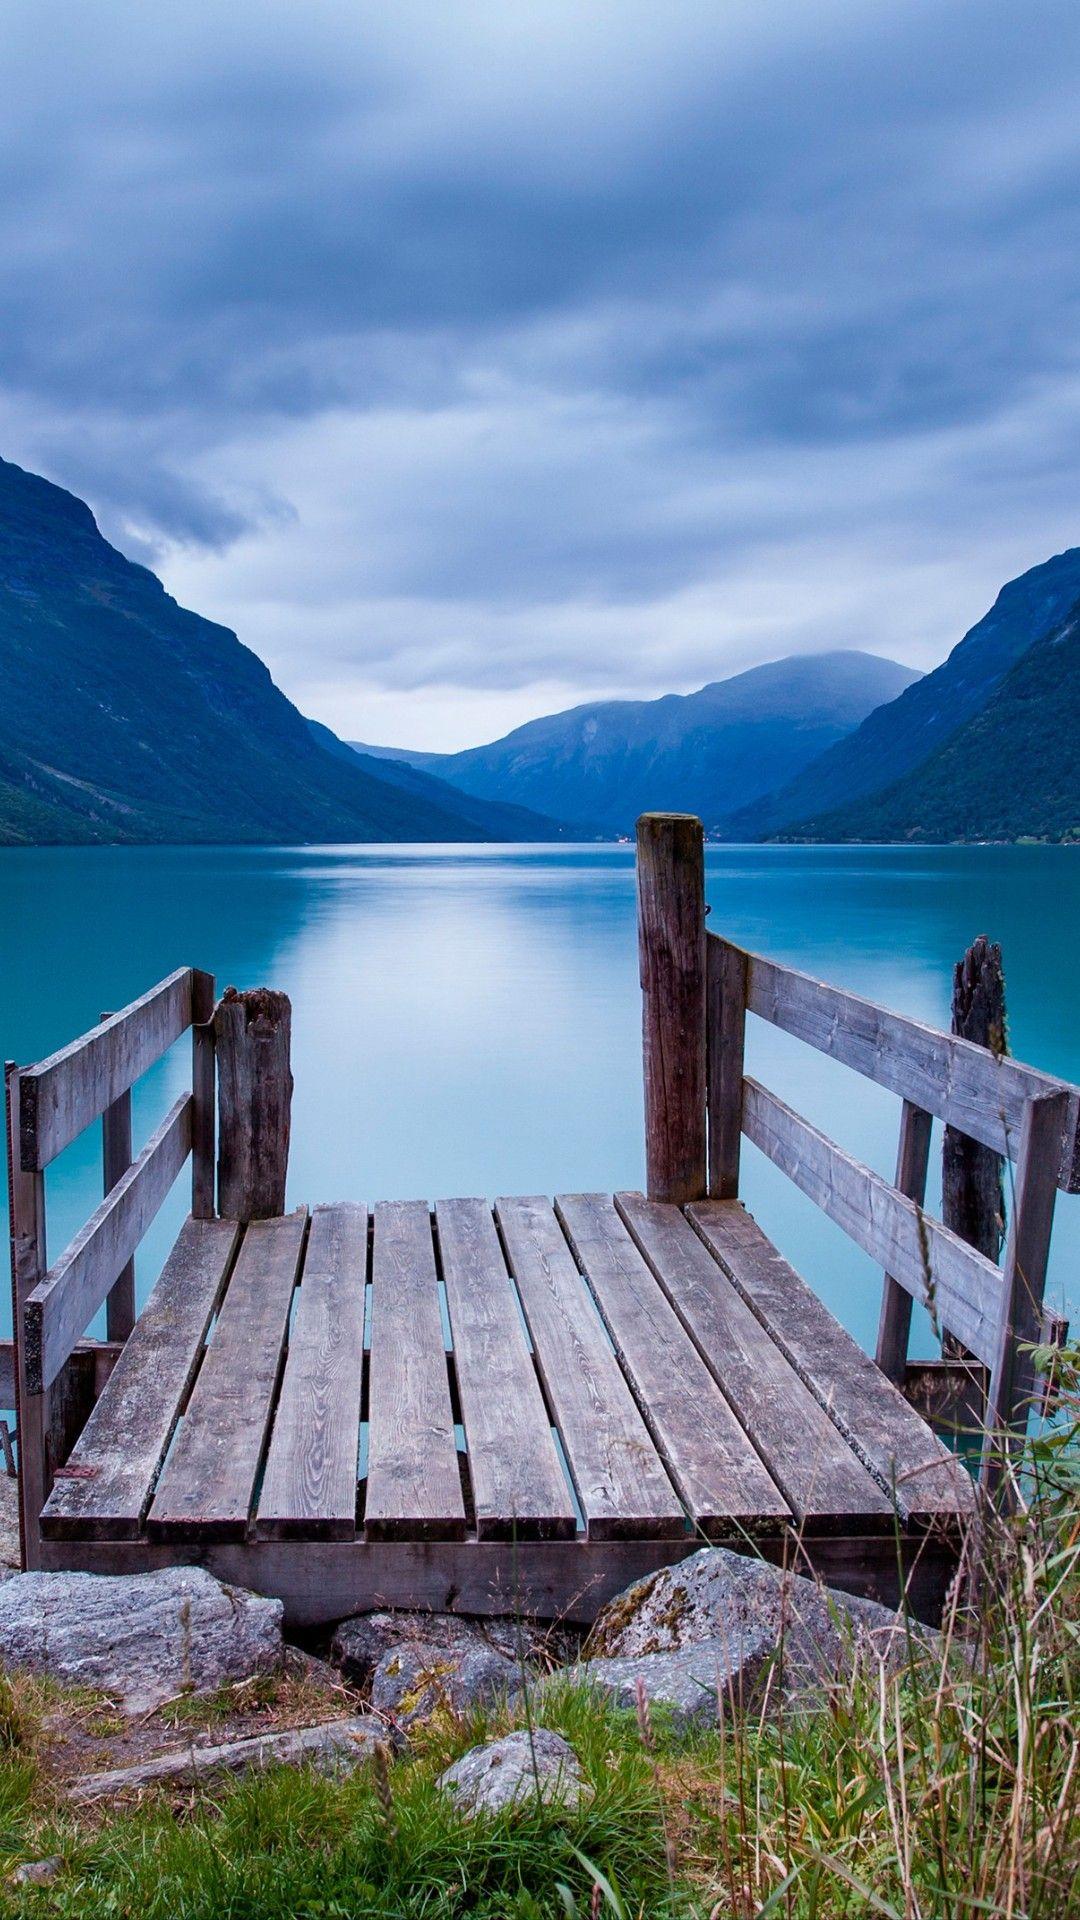 Lake,dock,nature Norway wallpaper, 4k phone wallpapers